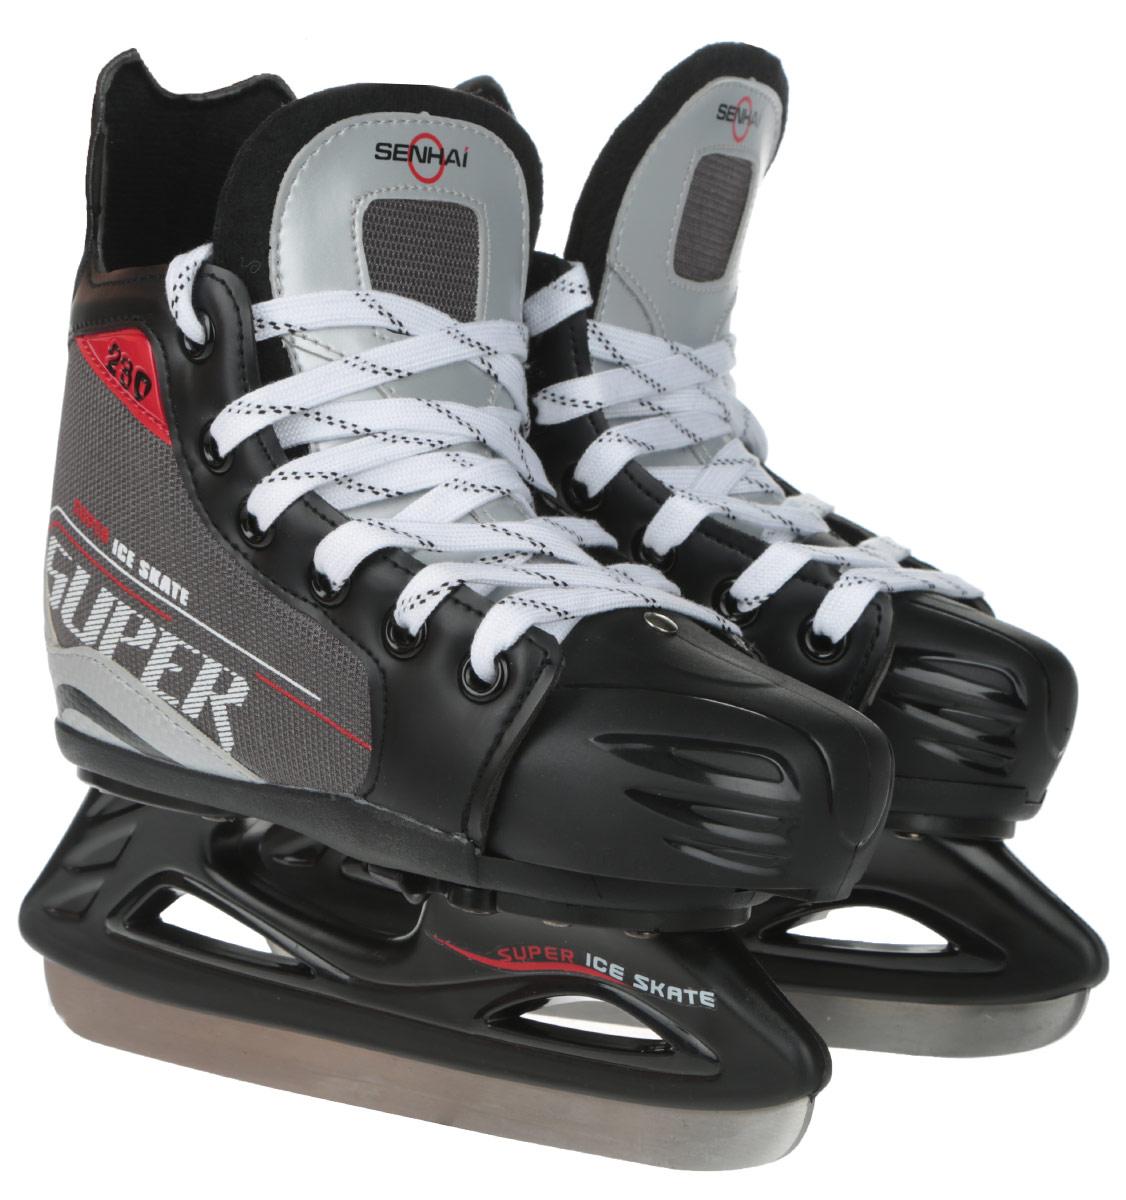 Senhai Коньки хоккейные для мальчика Super, раздвижные. 0054927